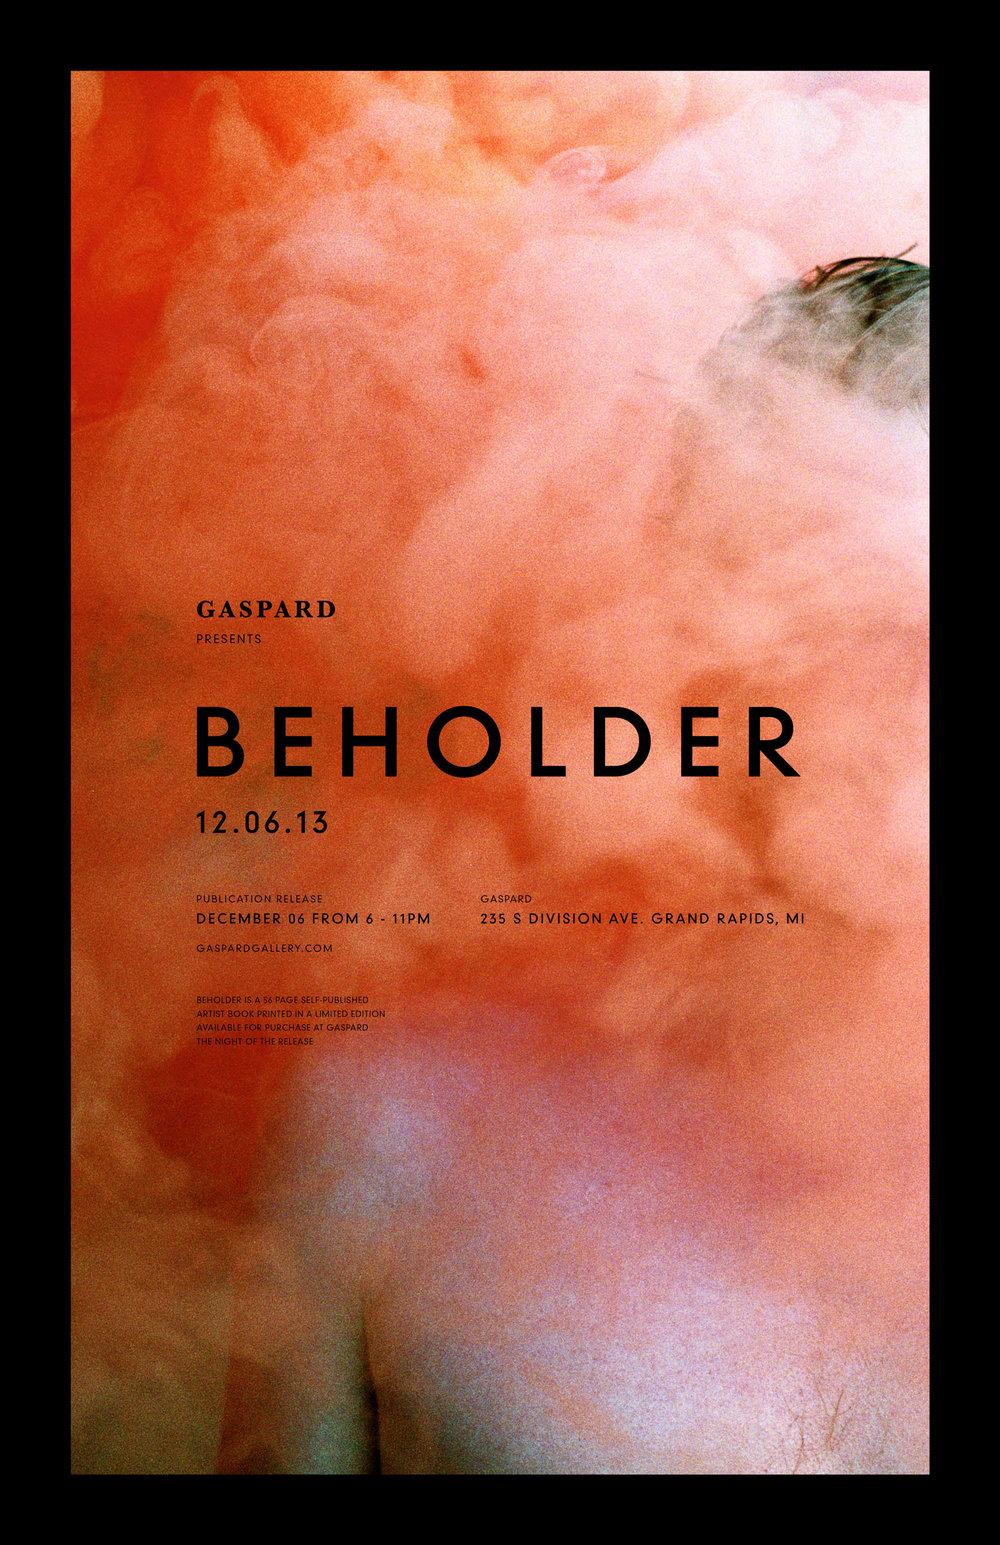 Beholder-Poster_Ben-Biondo.jpg